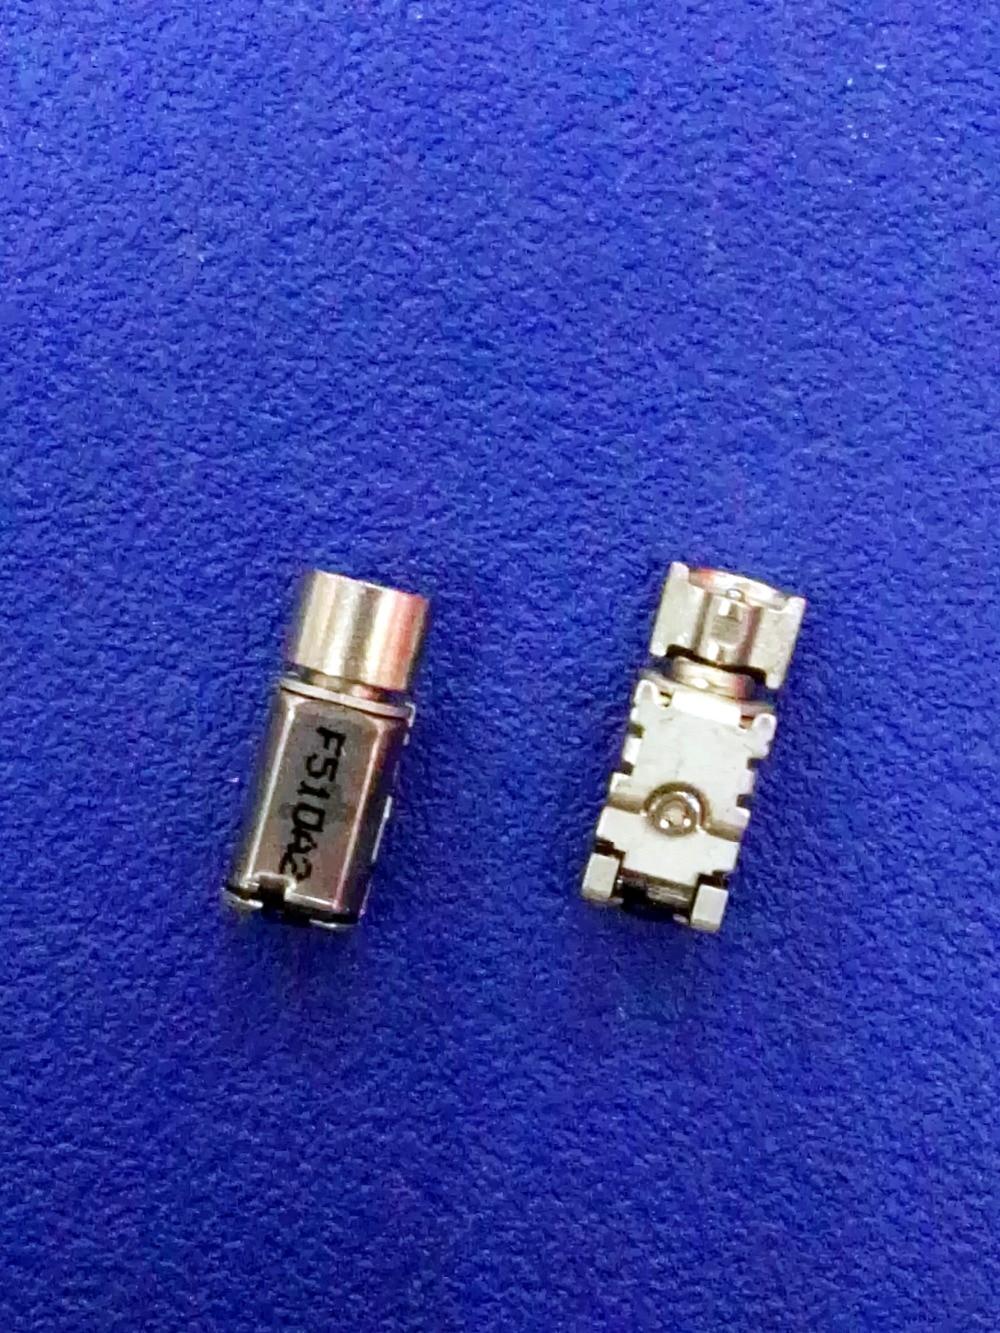 5Pcs Vibration 10Mm X 2.7 Mm 3 V Vibrating Vibrator Micro Motor Flat Ic New pz